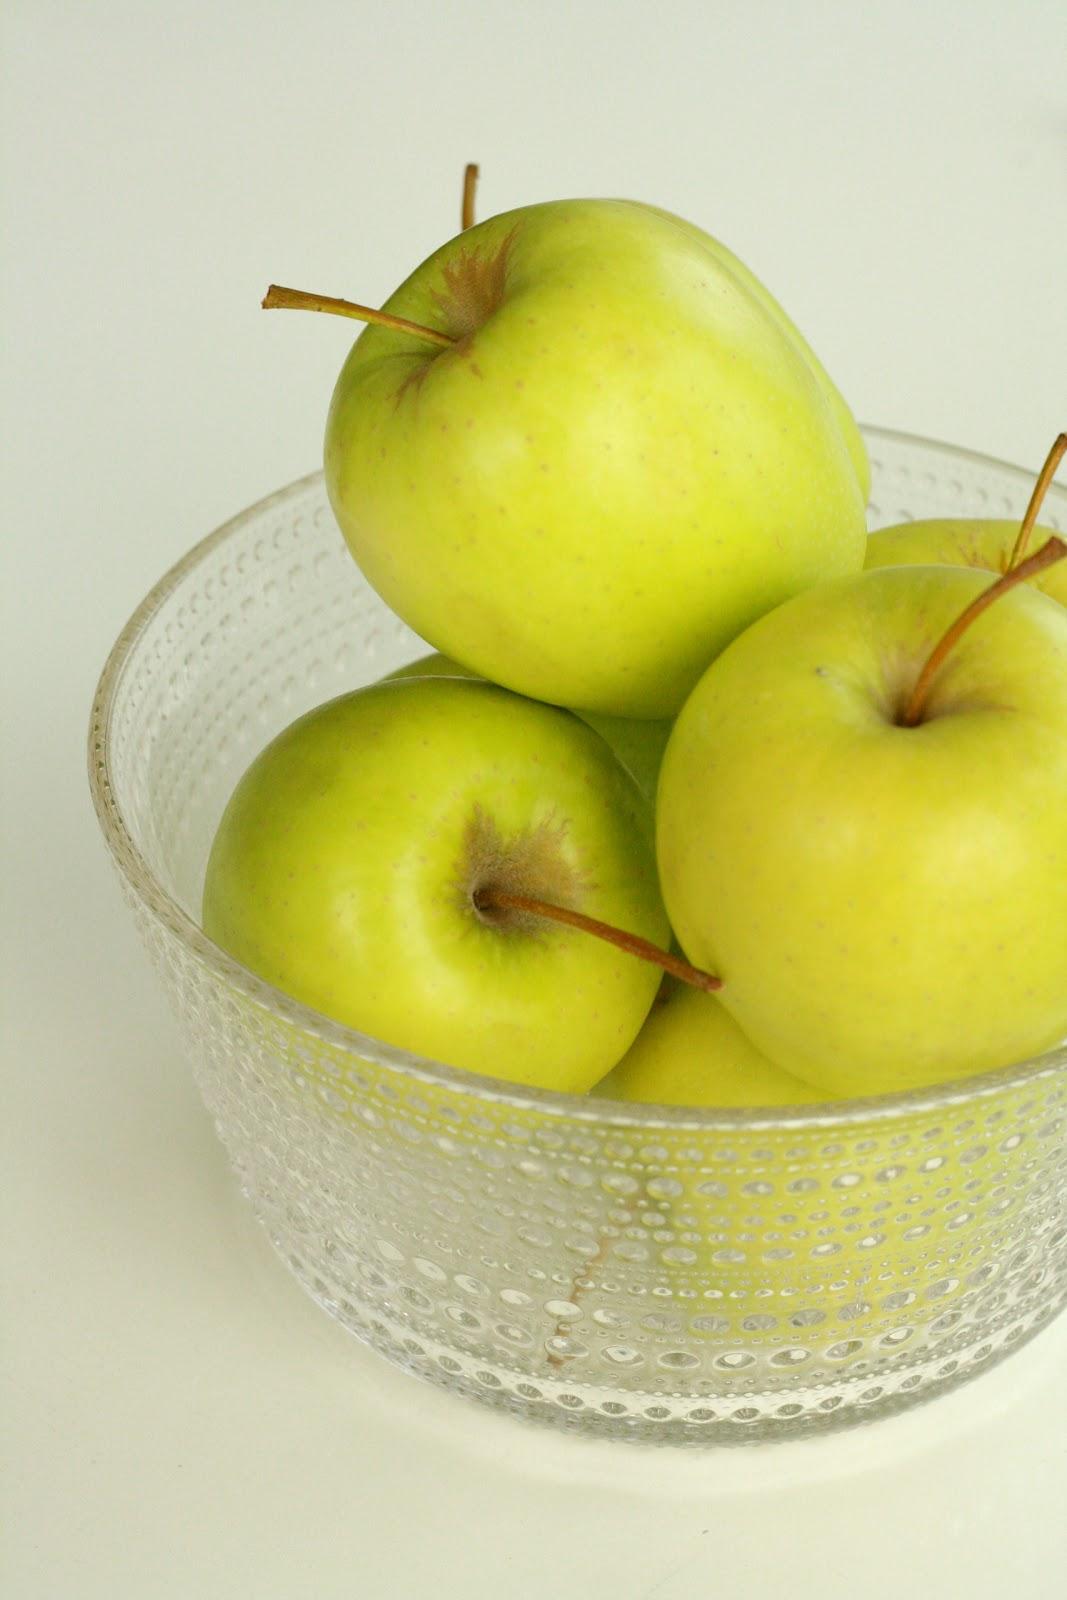 äpple bra för magen